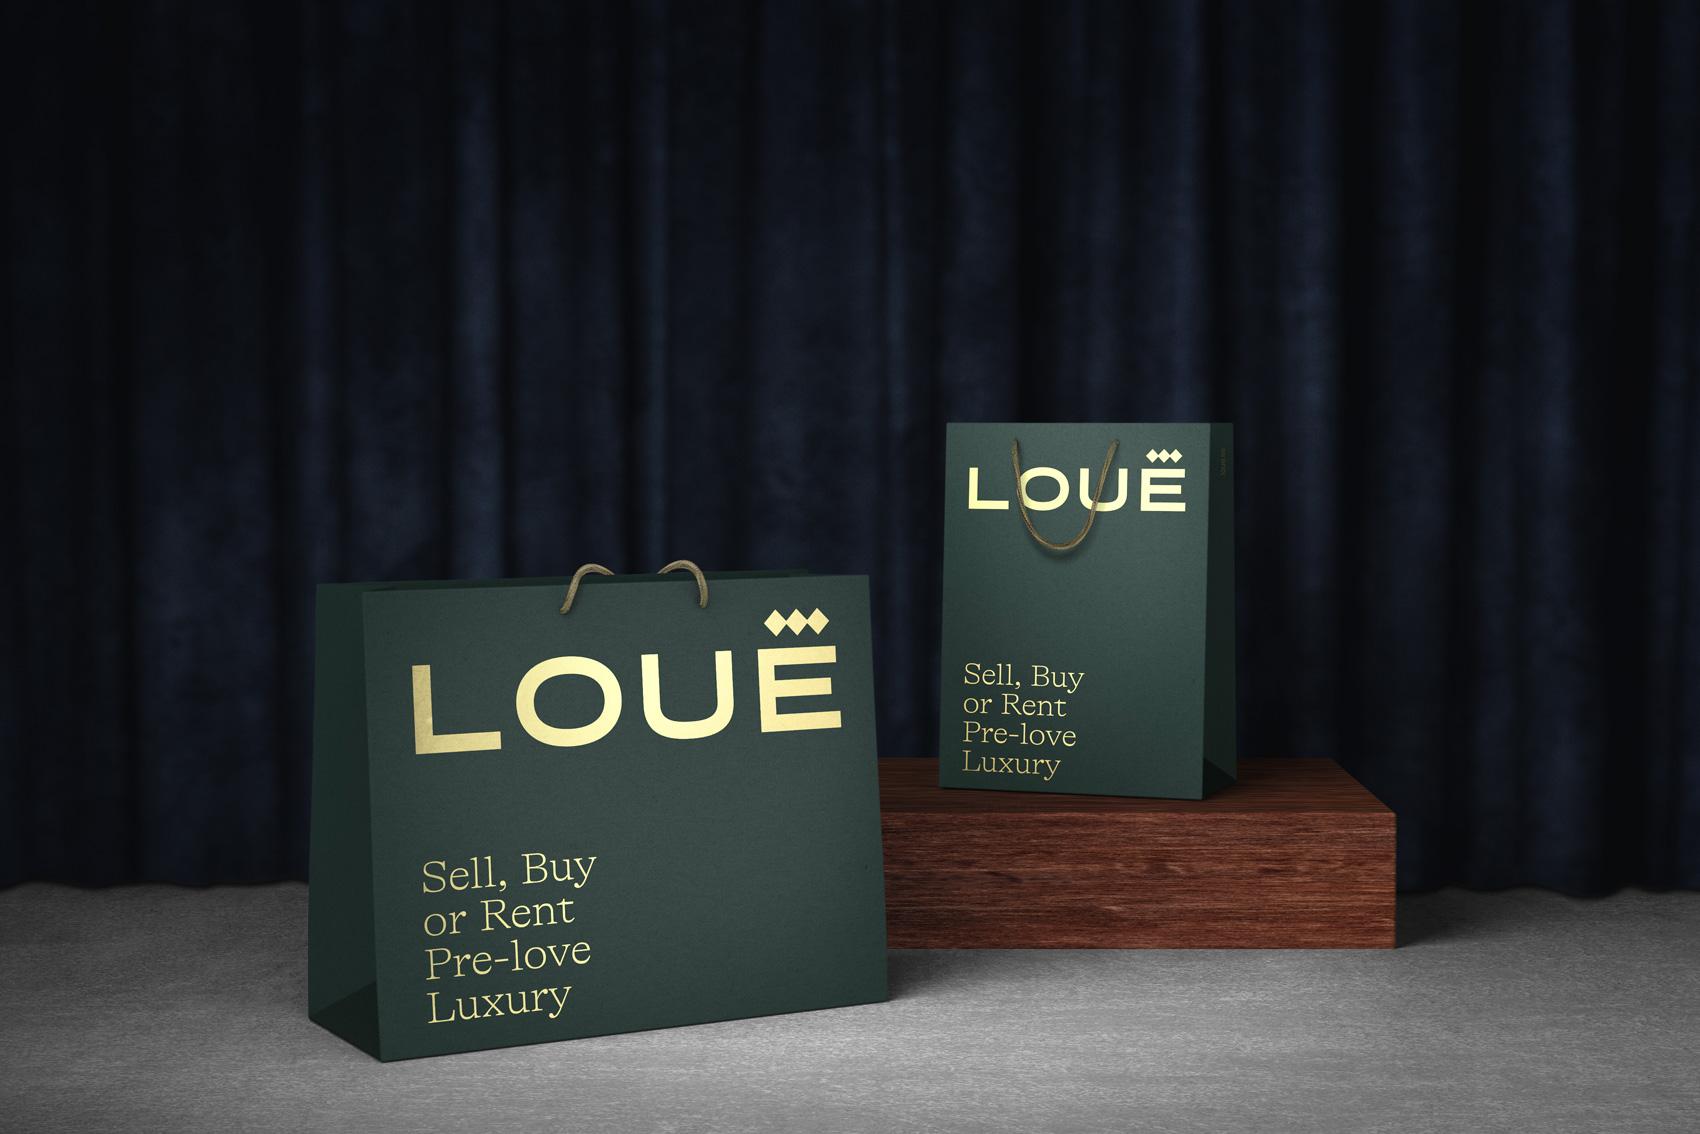 Bolsas de la tienda de moda de lujo de segunda mano Louë de Madrid